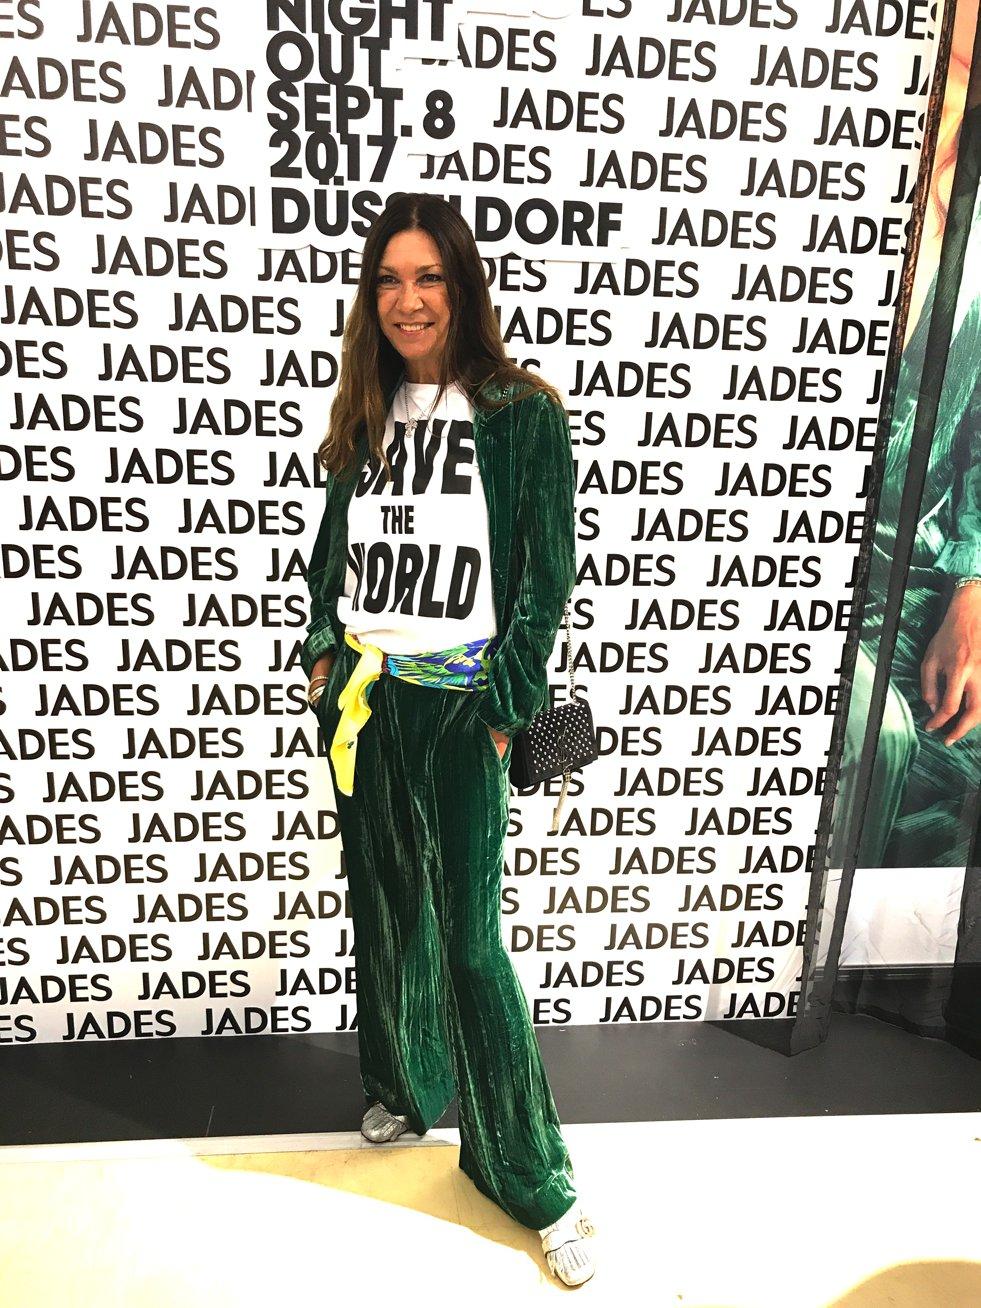 Katja Rolfsmeier Jadicted, Vogue Fashion Night, Fashion-Blog, Lieblingsstil.com,